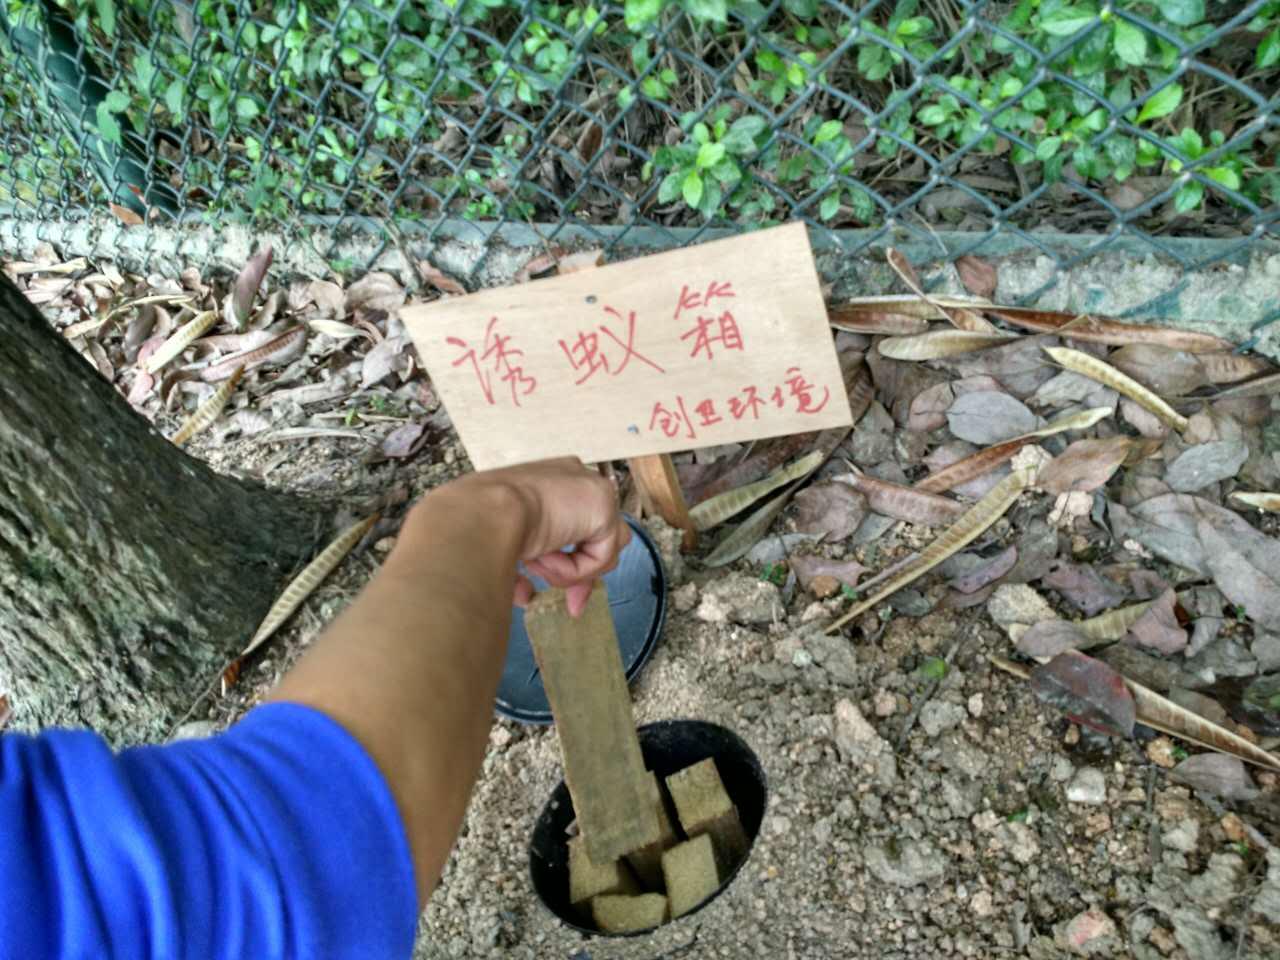 深圳防白蚁公司论家庭装修白蚁防治的必要性